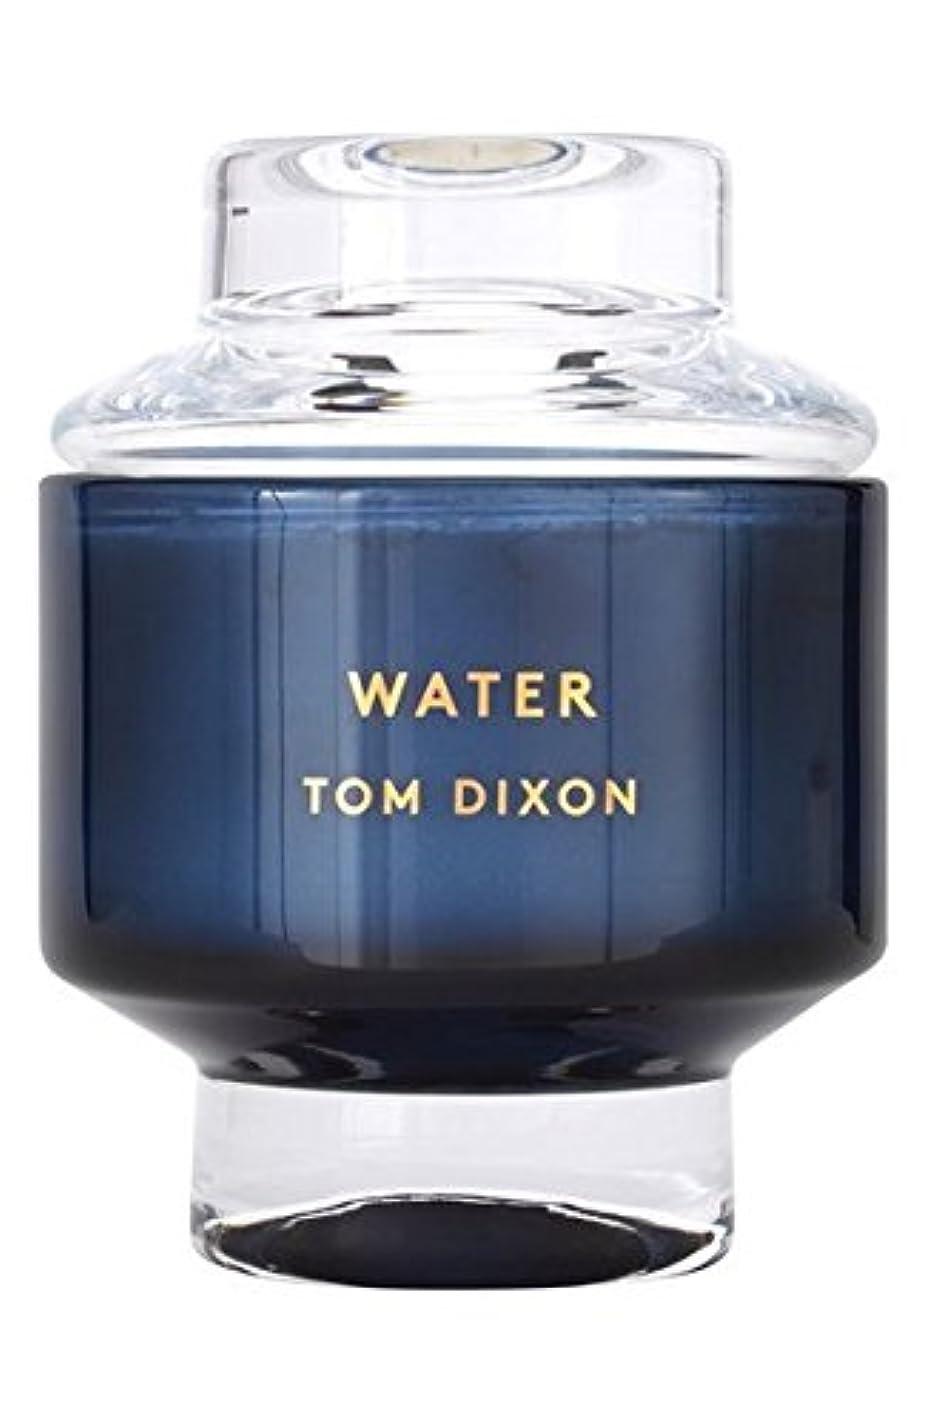 脊椎艶シュリンクTom Dixon 'Water' Candle (トム ディクソン 'ウオーター' キャンドル大)Large